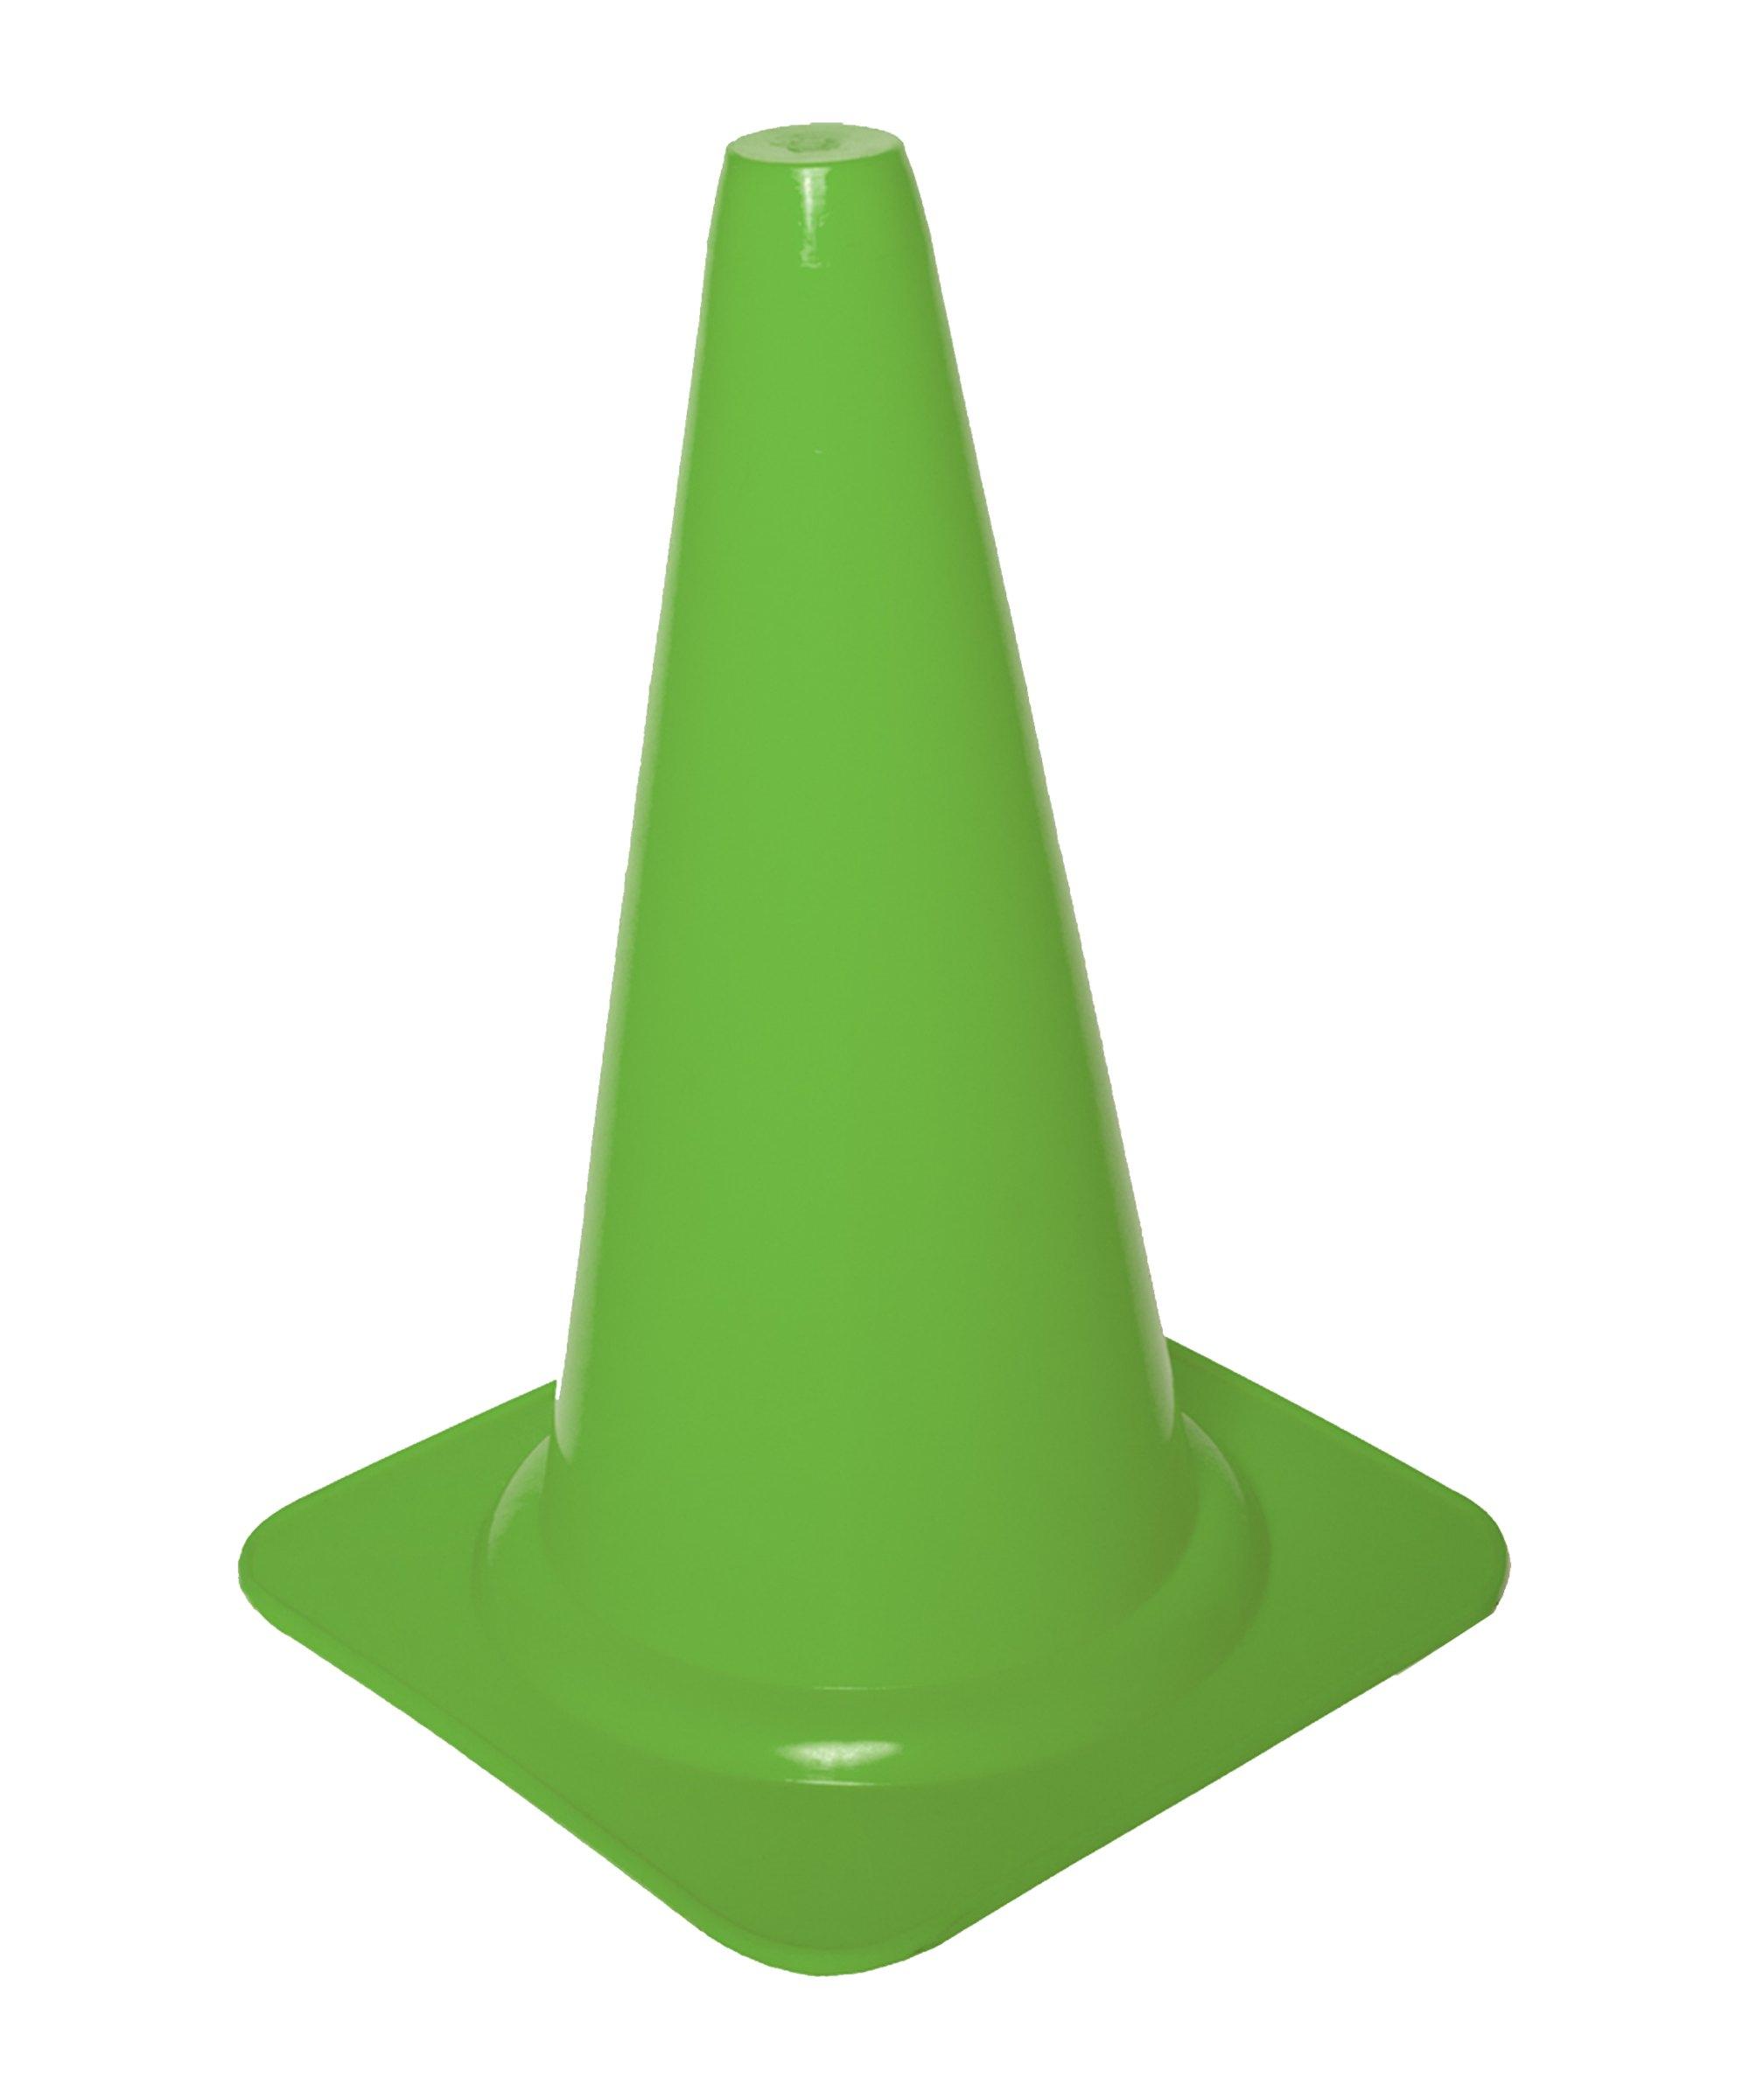 Cawila Markierungskegel L 40cm Grün - gruen